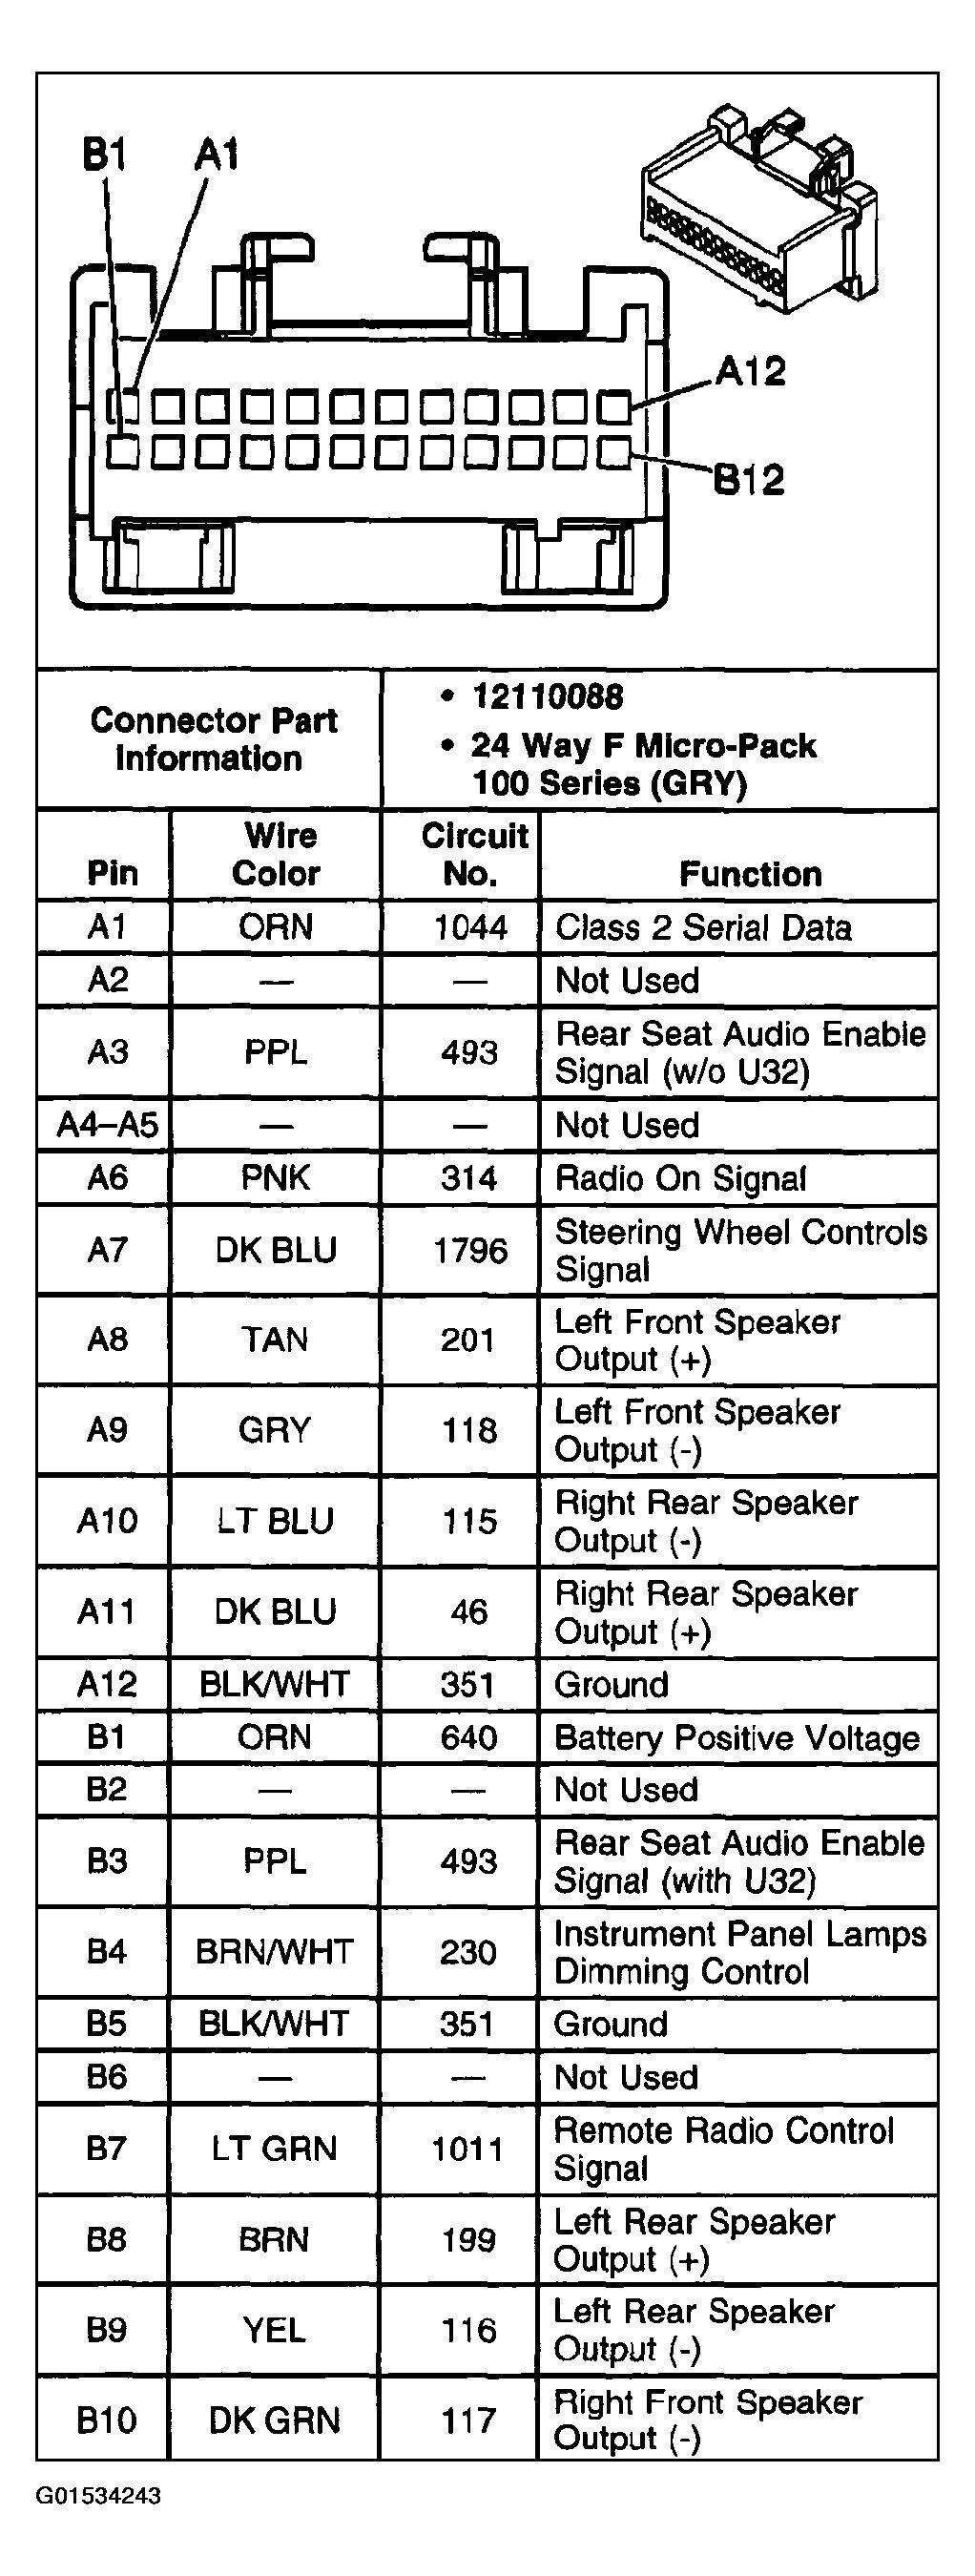 40 2003 Gmc Sierra Radio Wiring Diagram - Wiring Niche Ideas